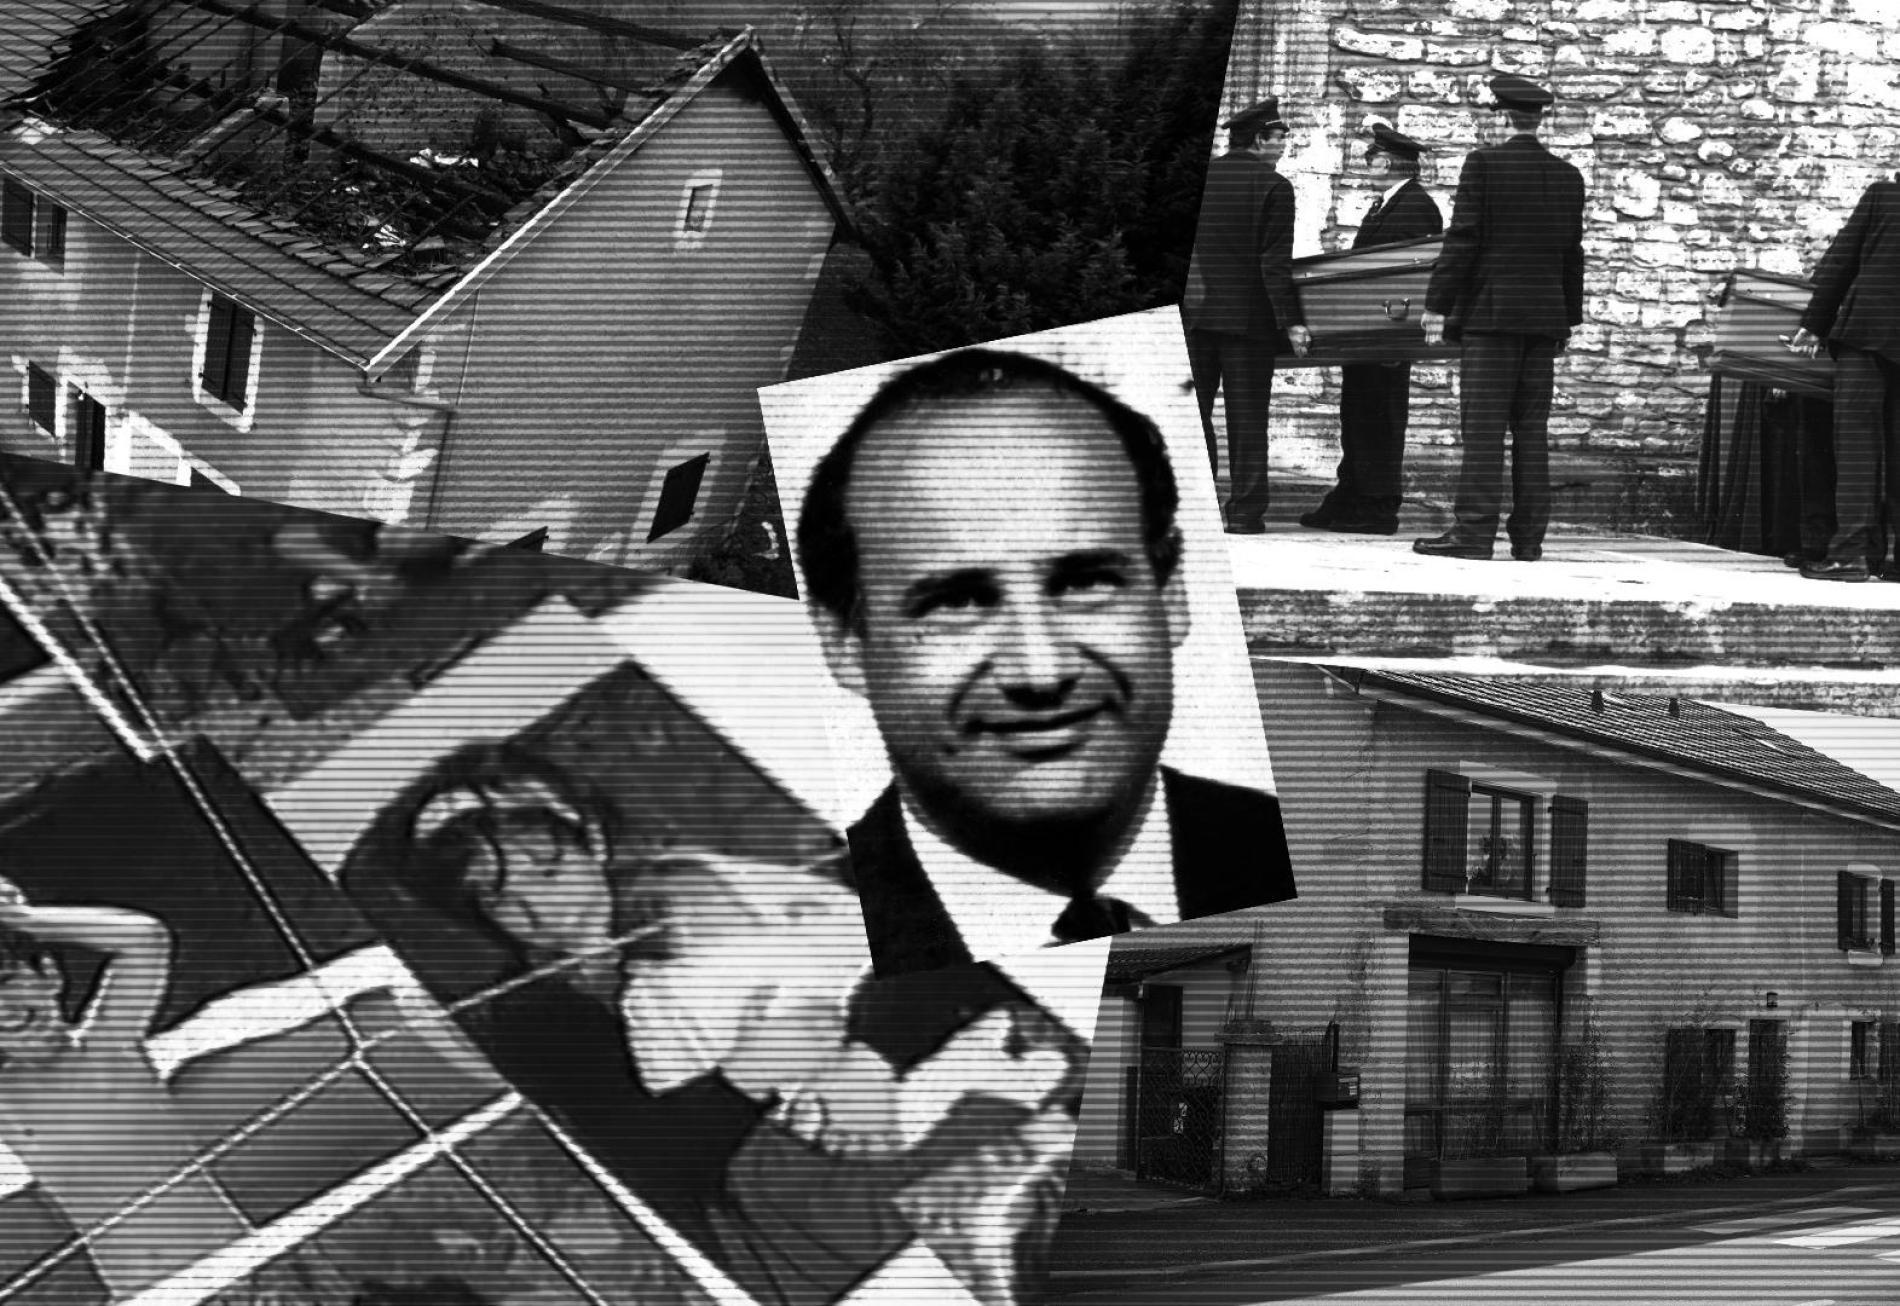 La vie de Jean-Claude Romand bascule dans l\'horreur le 9 janvier 1993, le jour où il assassine sa femme, ses deux enfants, ses parents et tente de tuer sa maîtresse.